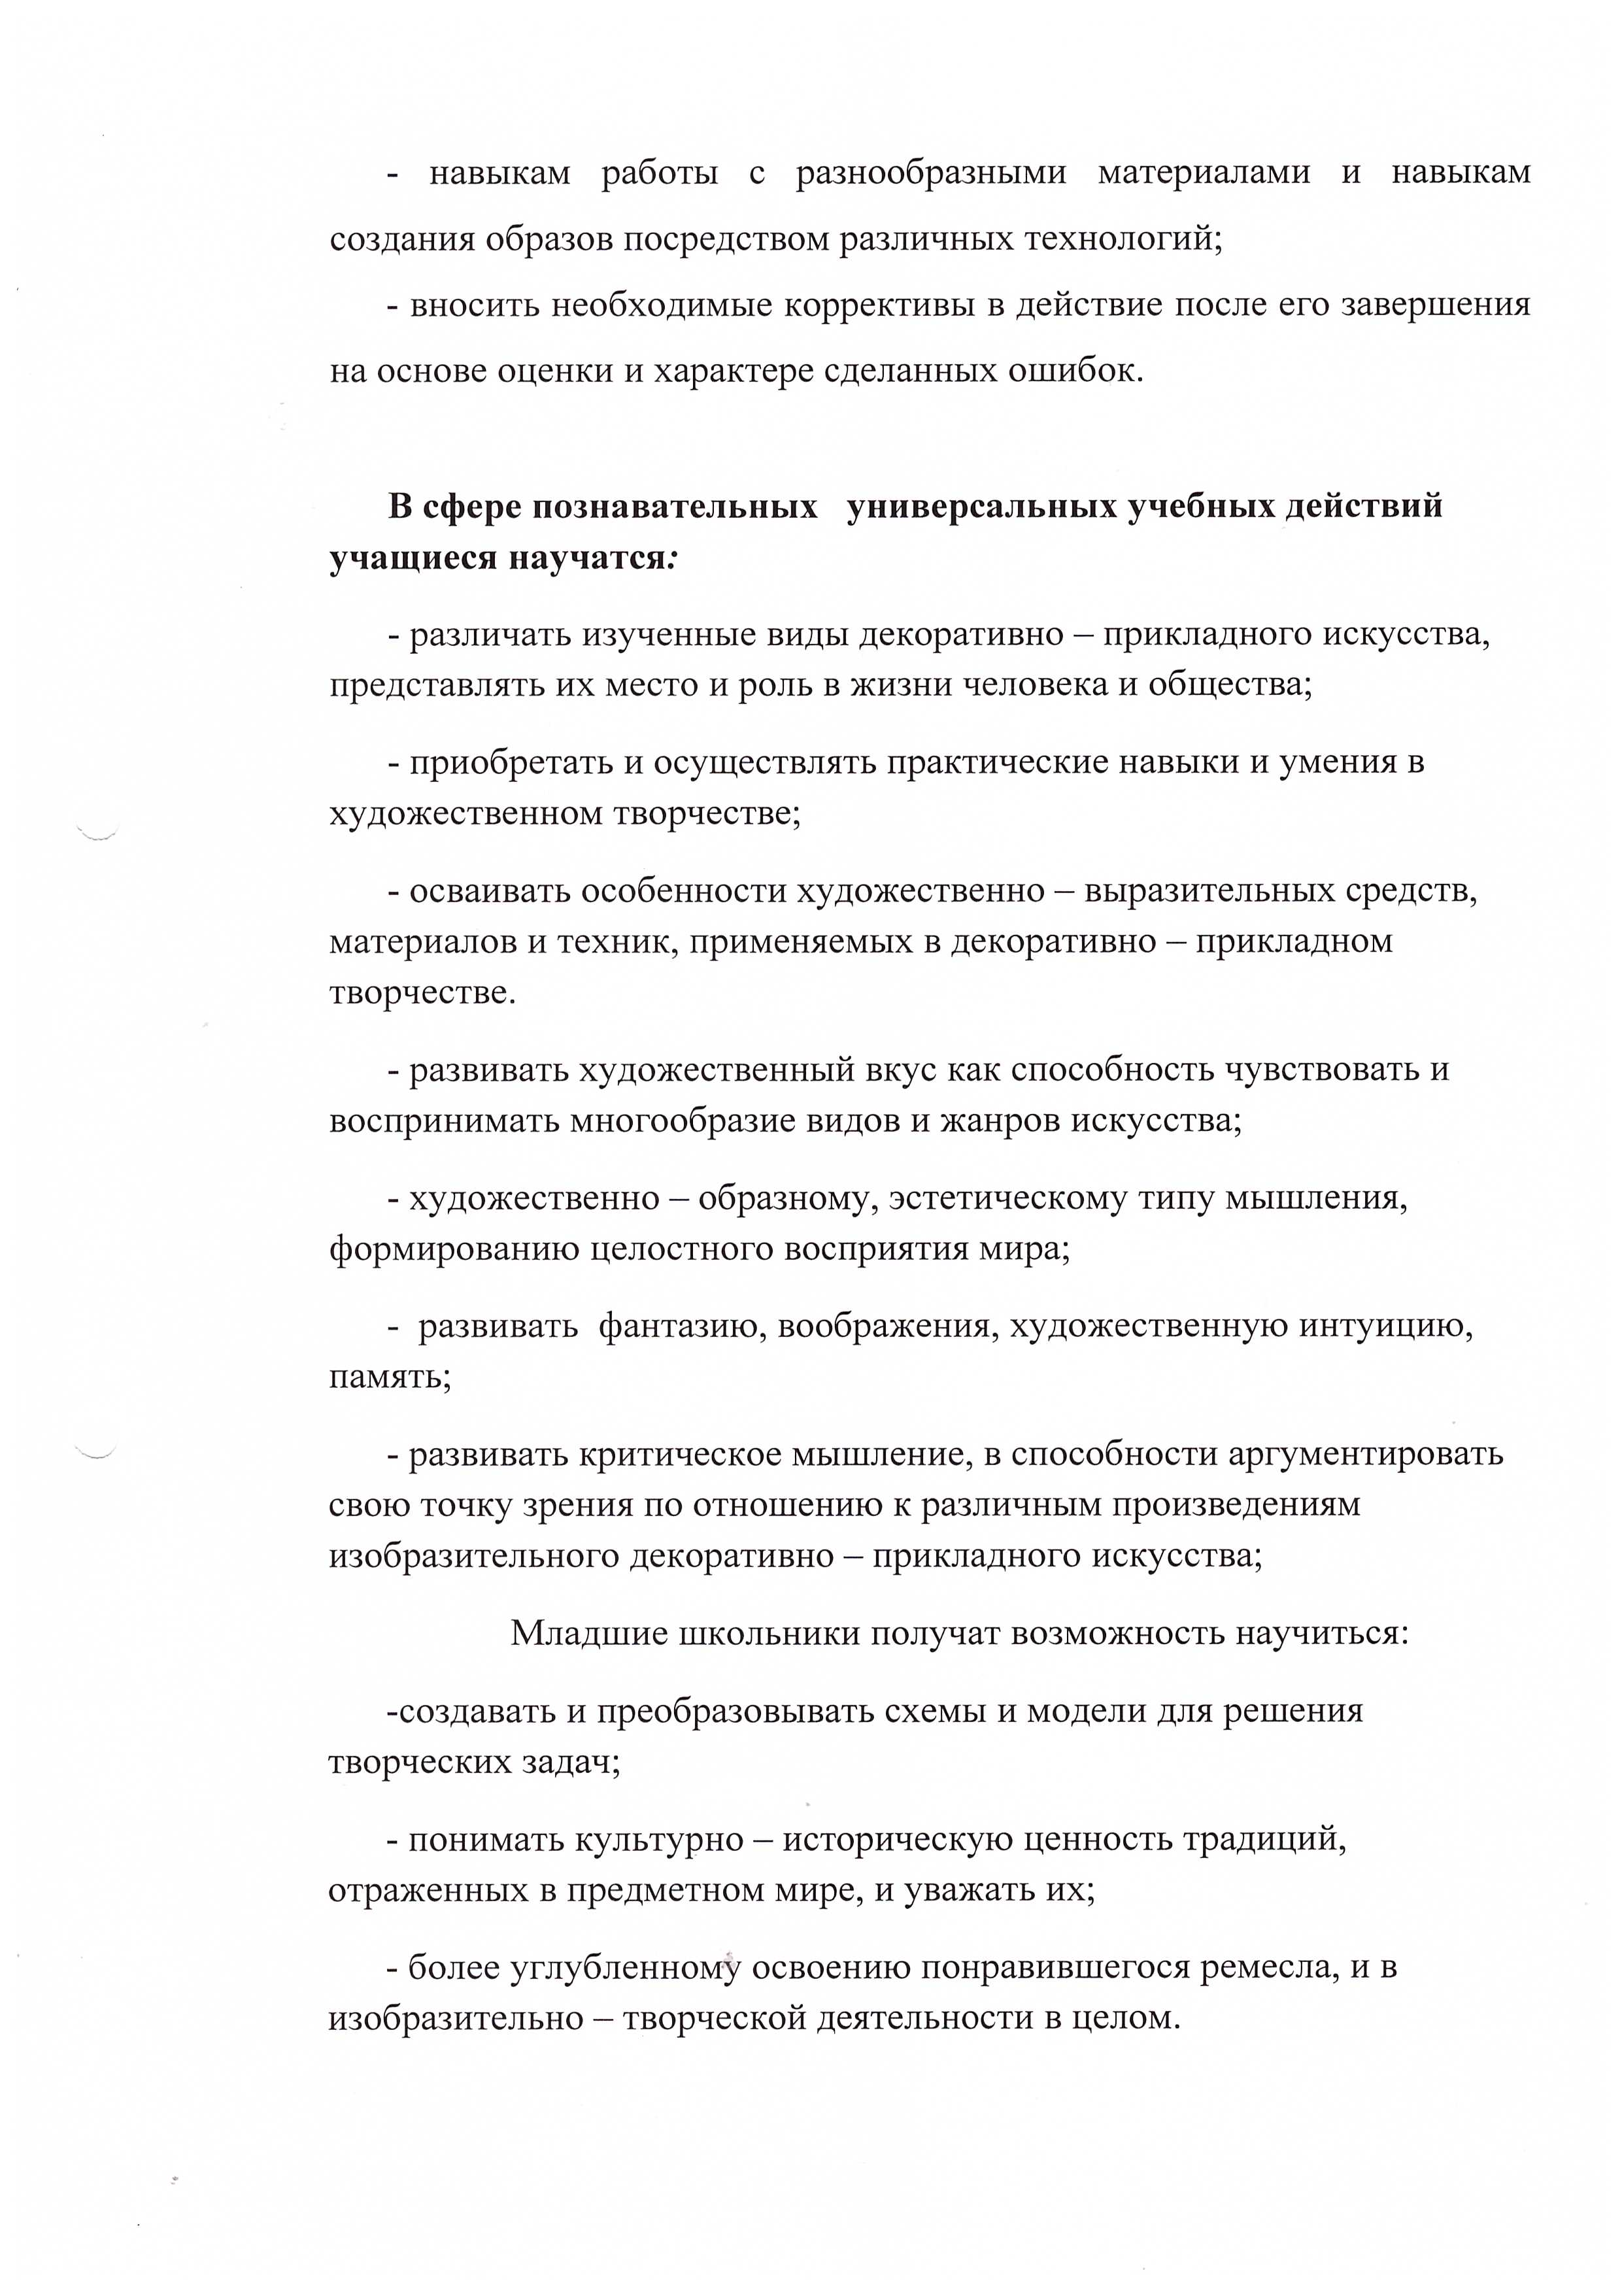 G:\Попова Н.В\12 стр.jpeg